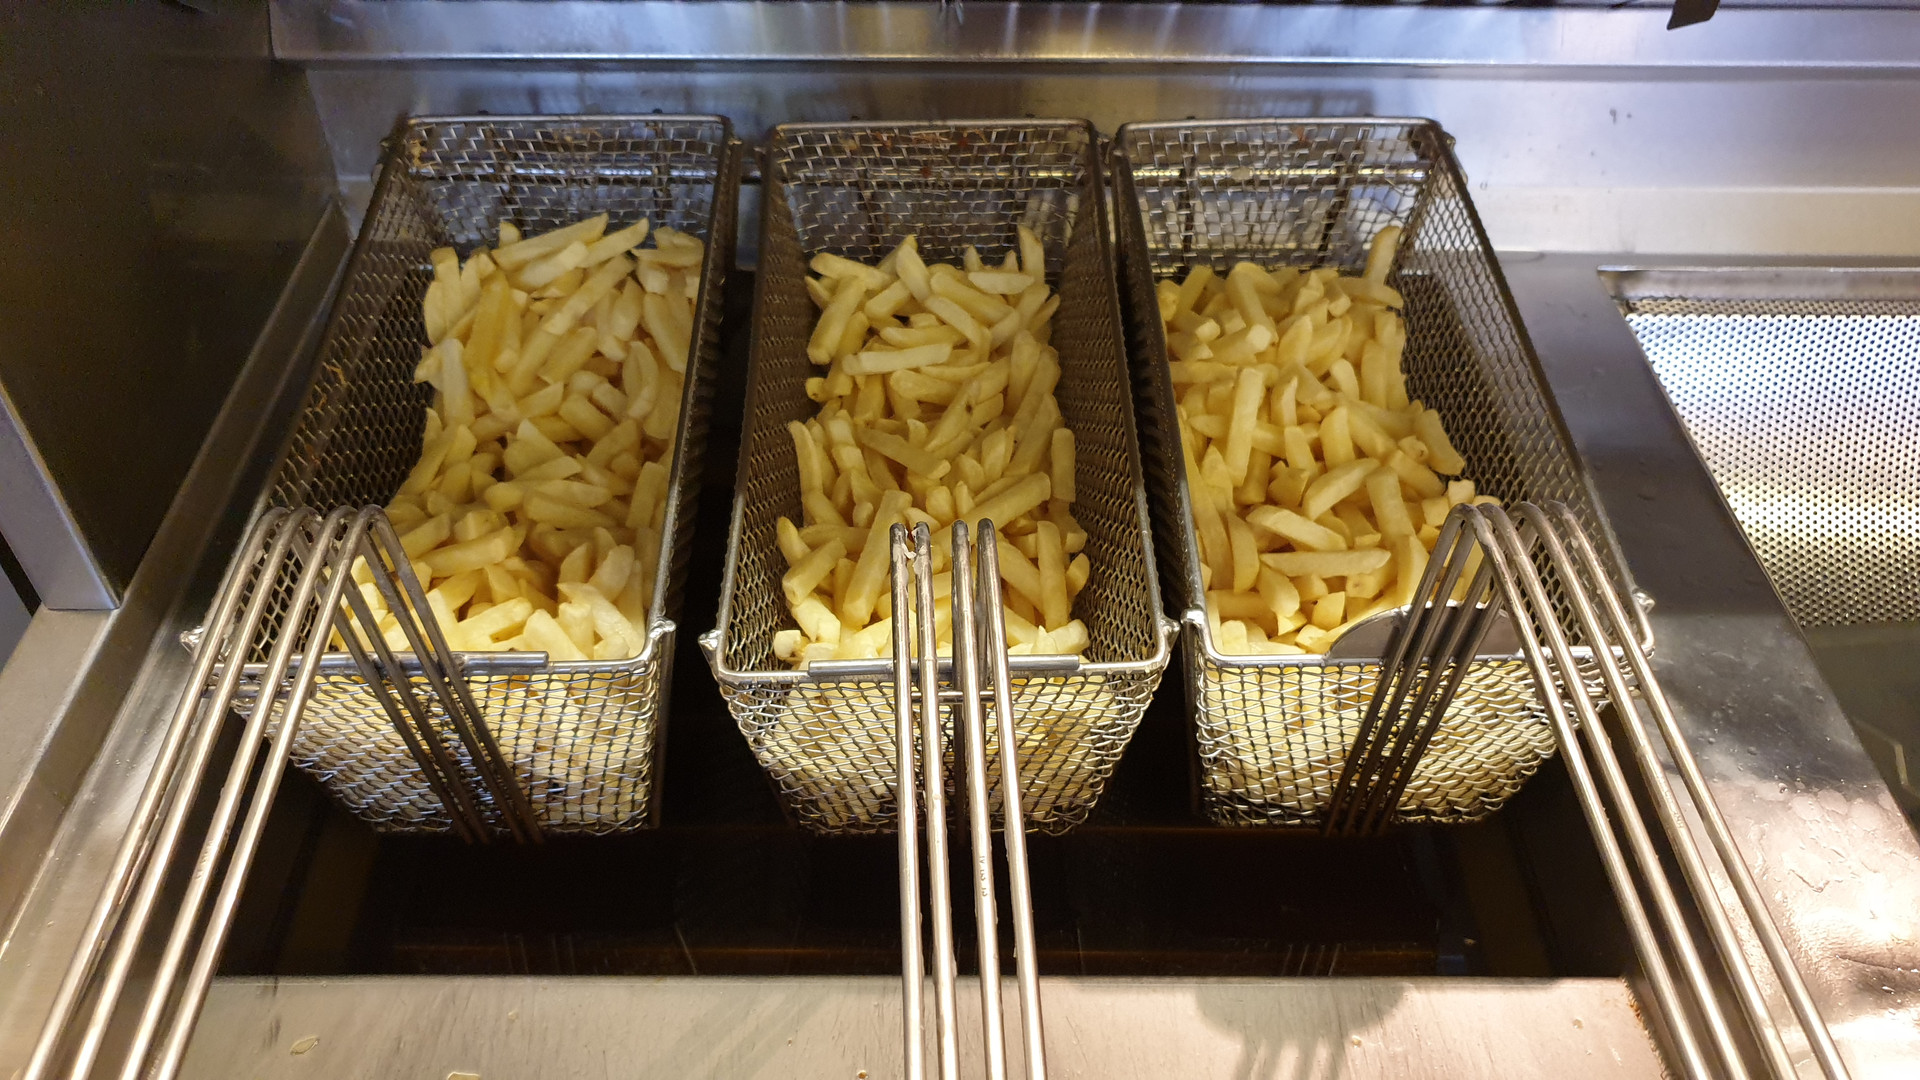 Buulke Budel voorbakken friet